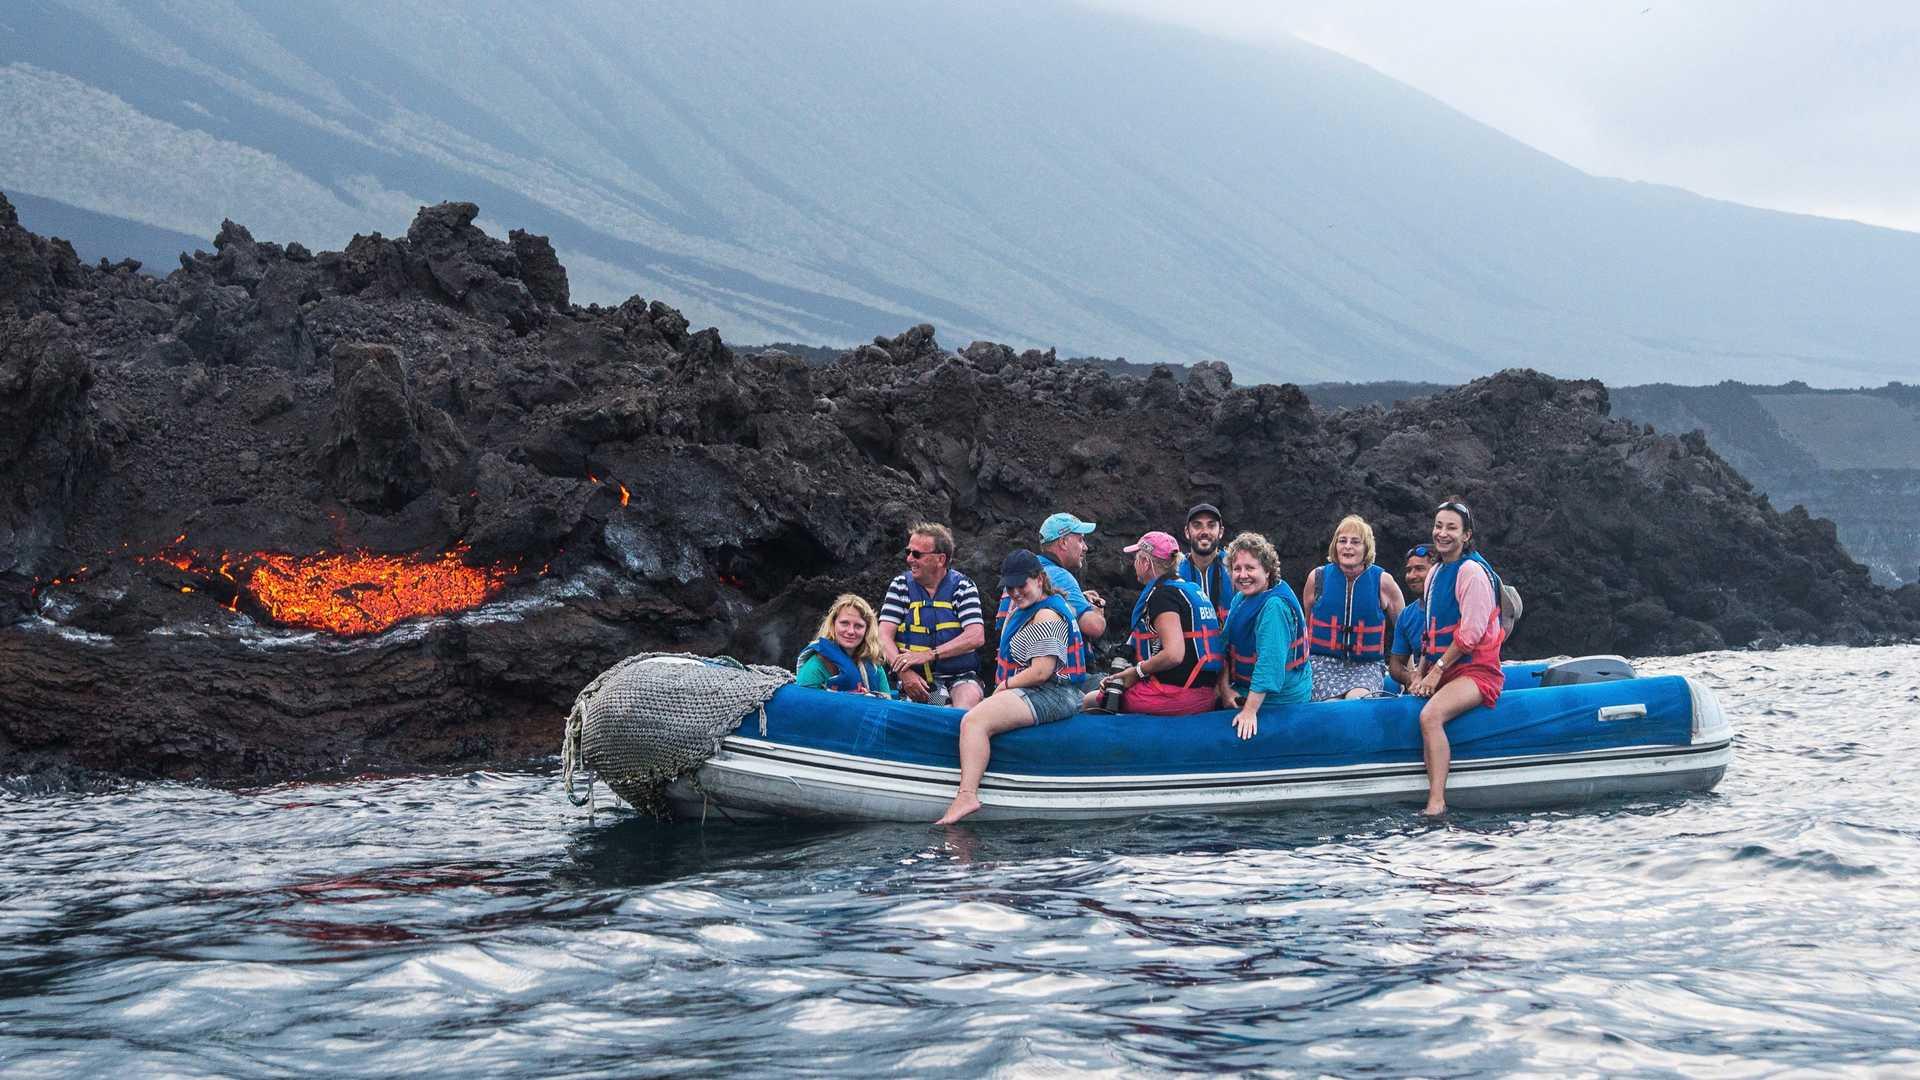 Galapagos islands tourism